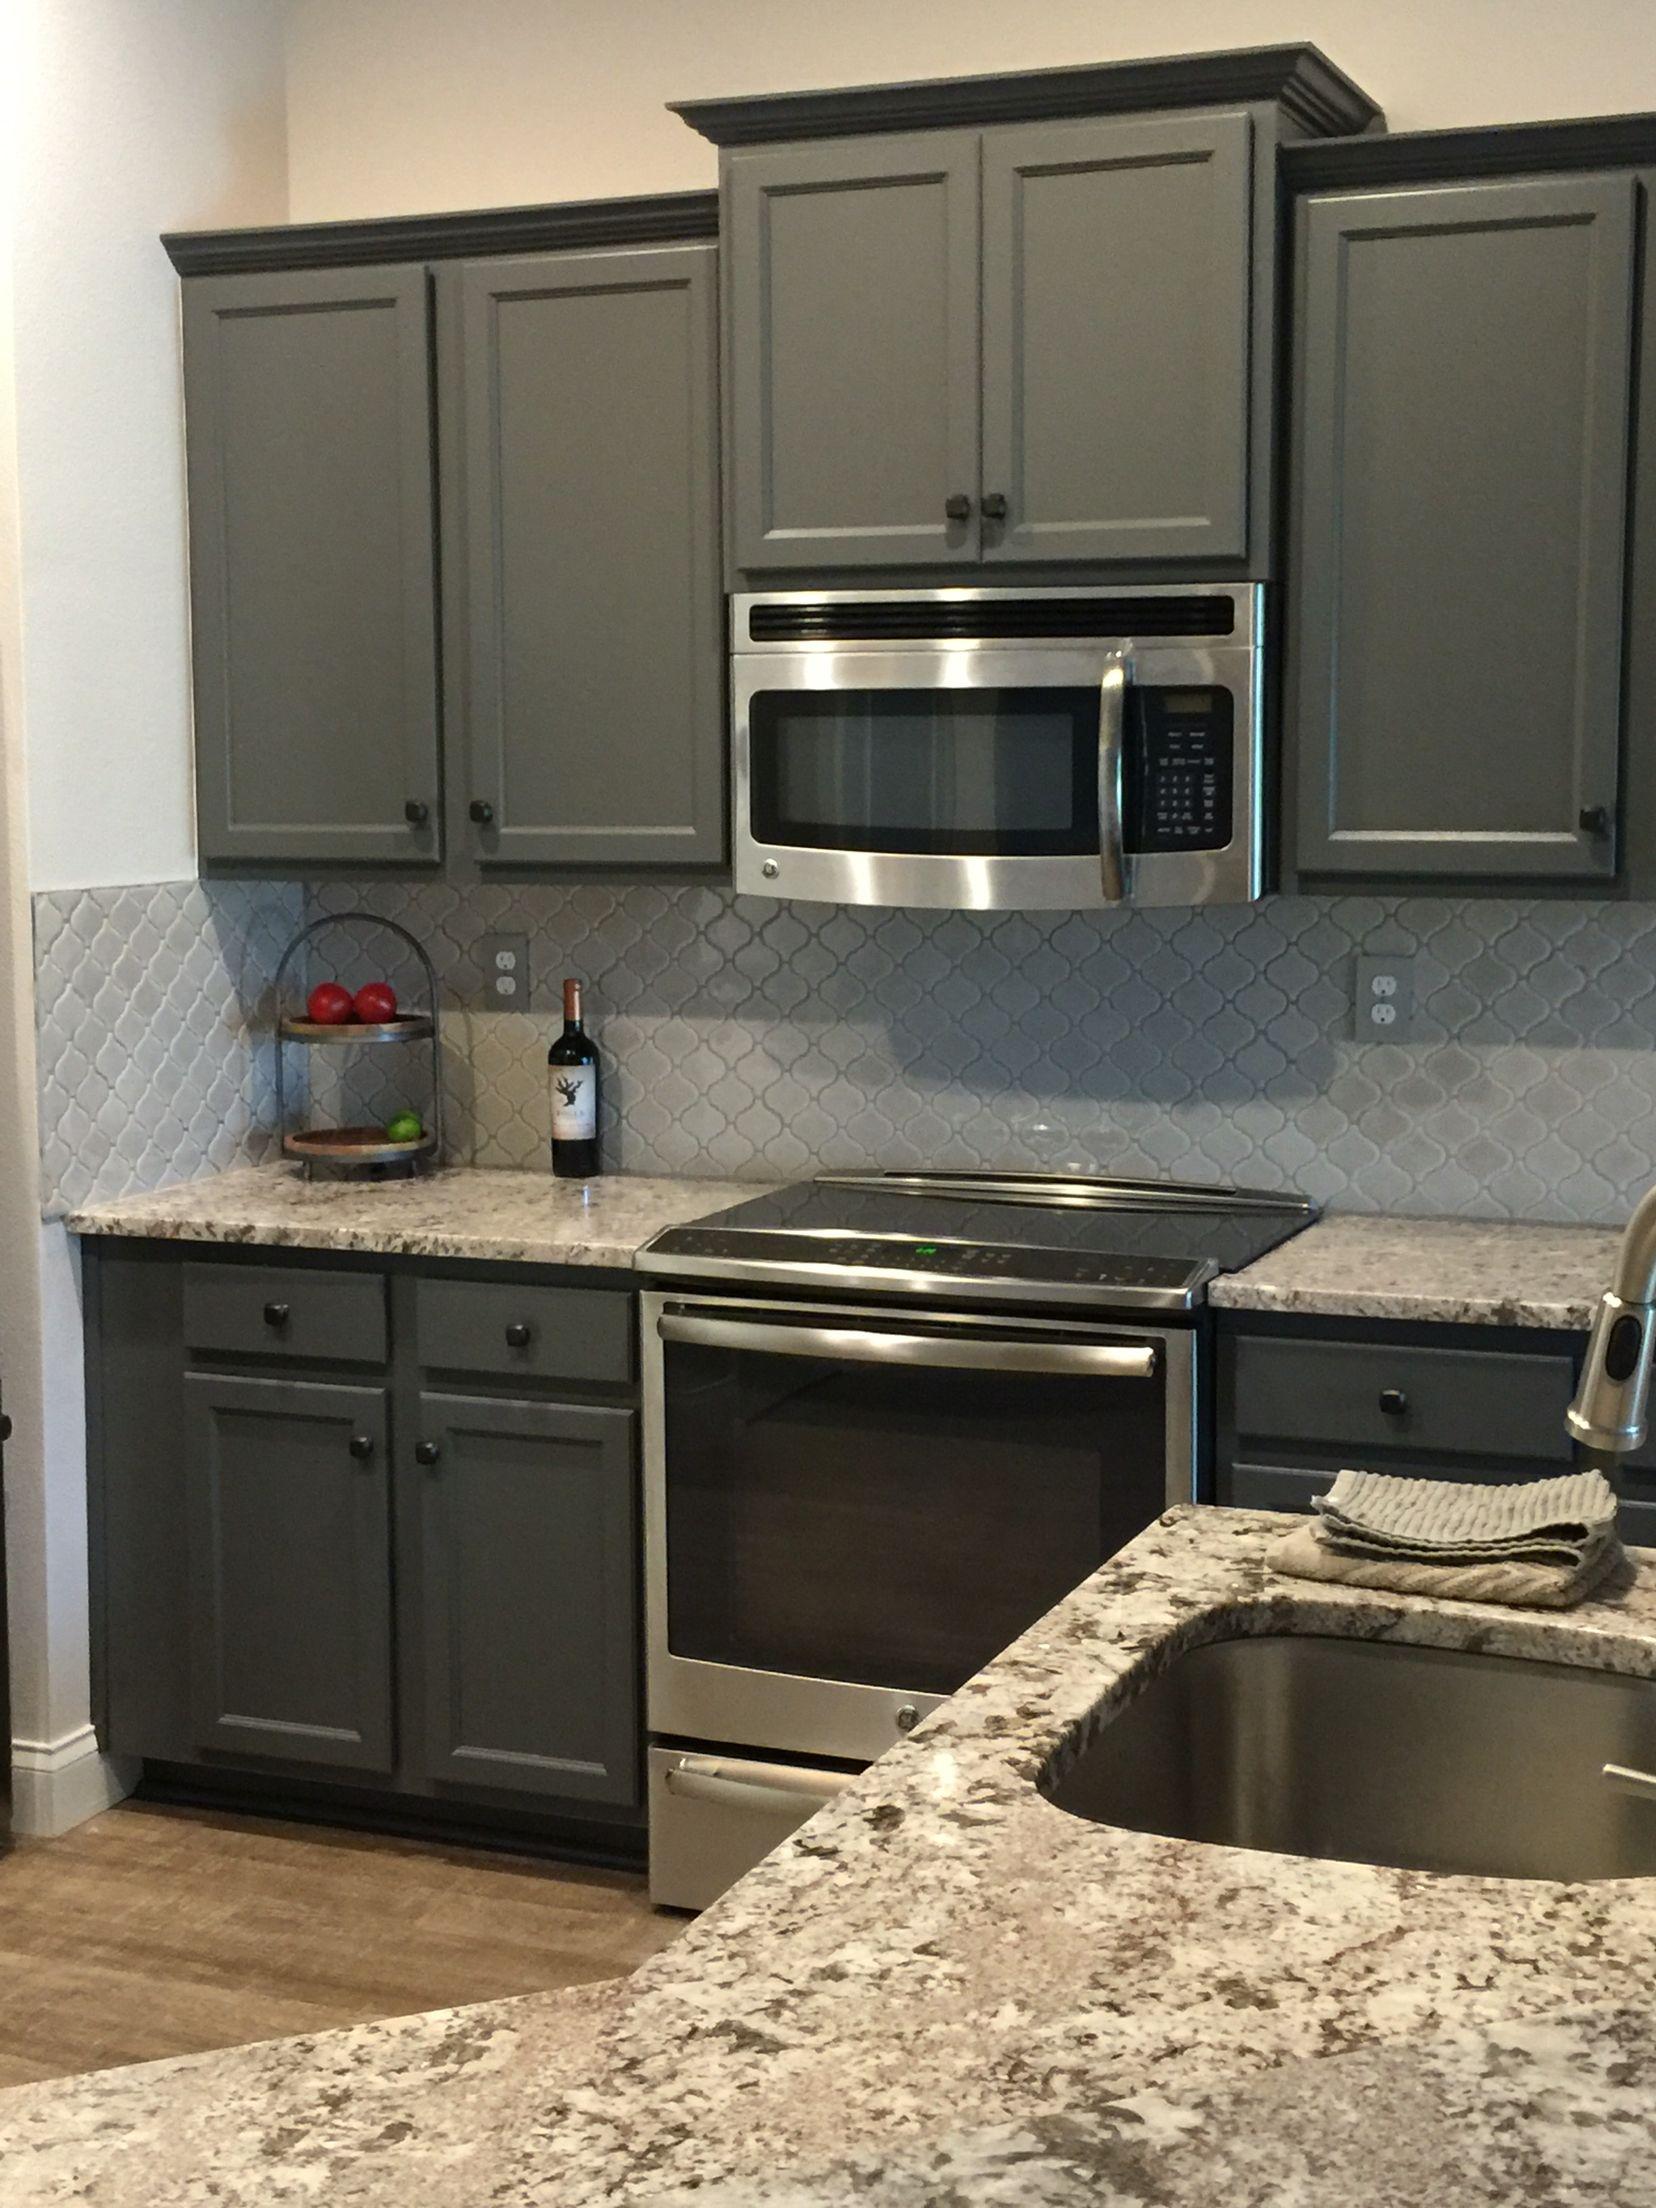 Remodeled Kitchen Painted Cabinets For An Inexpensive Fix To Builder Grade Cabinets Slide In Stove G Glass Tile Backsplash Kitchen Tile Backsplash Backsplash